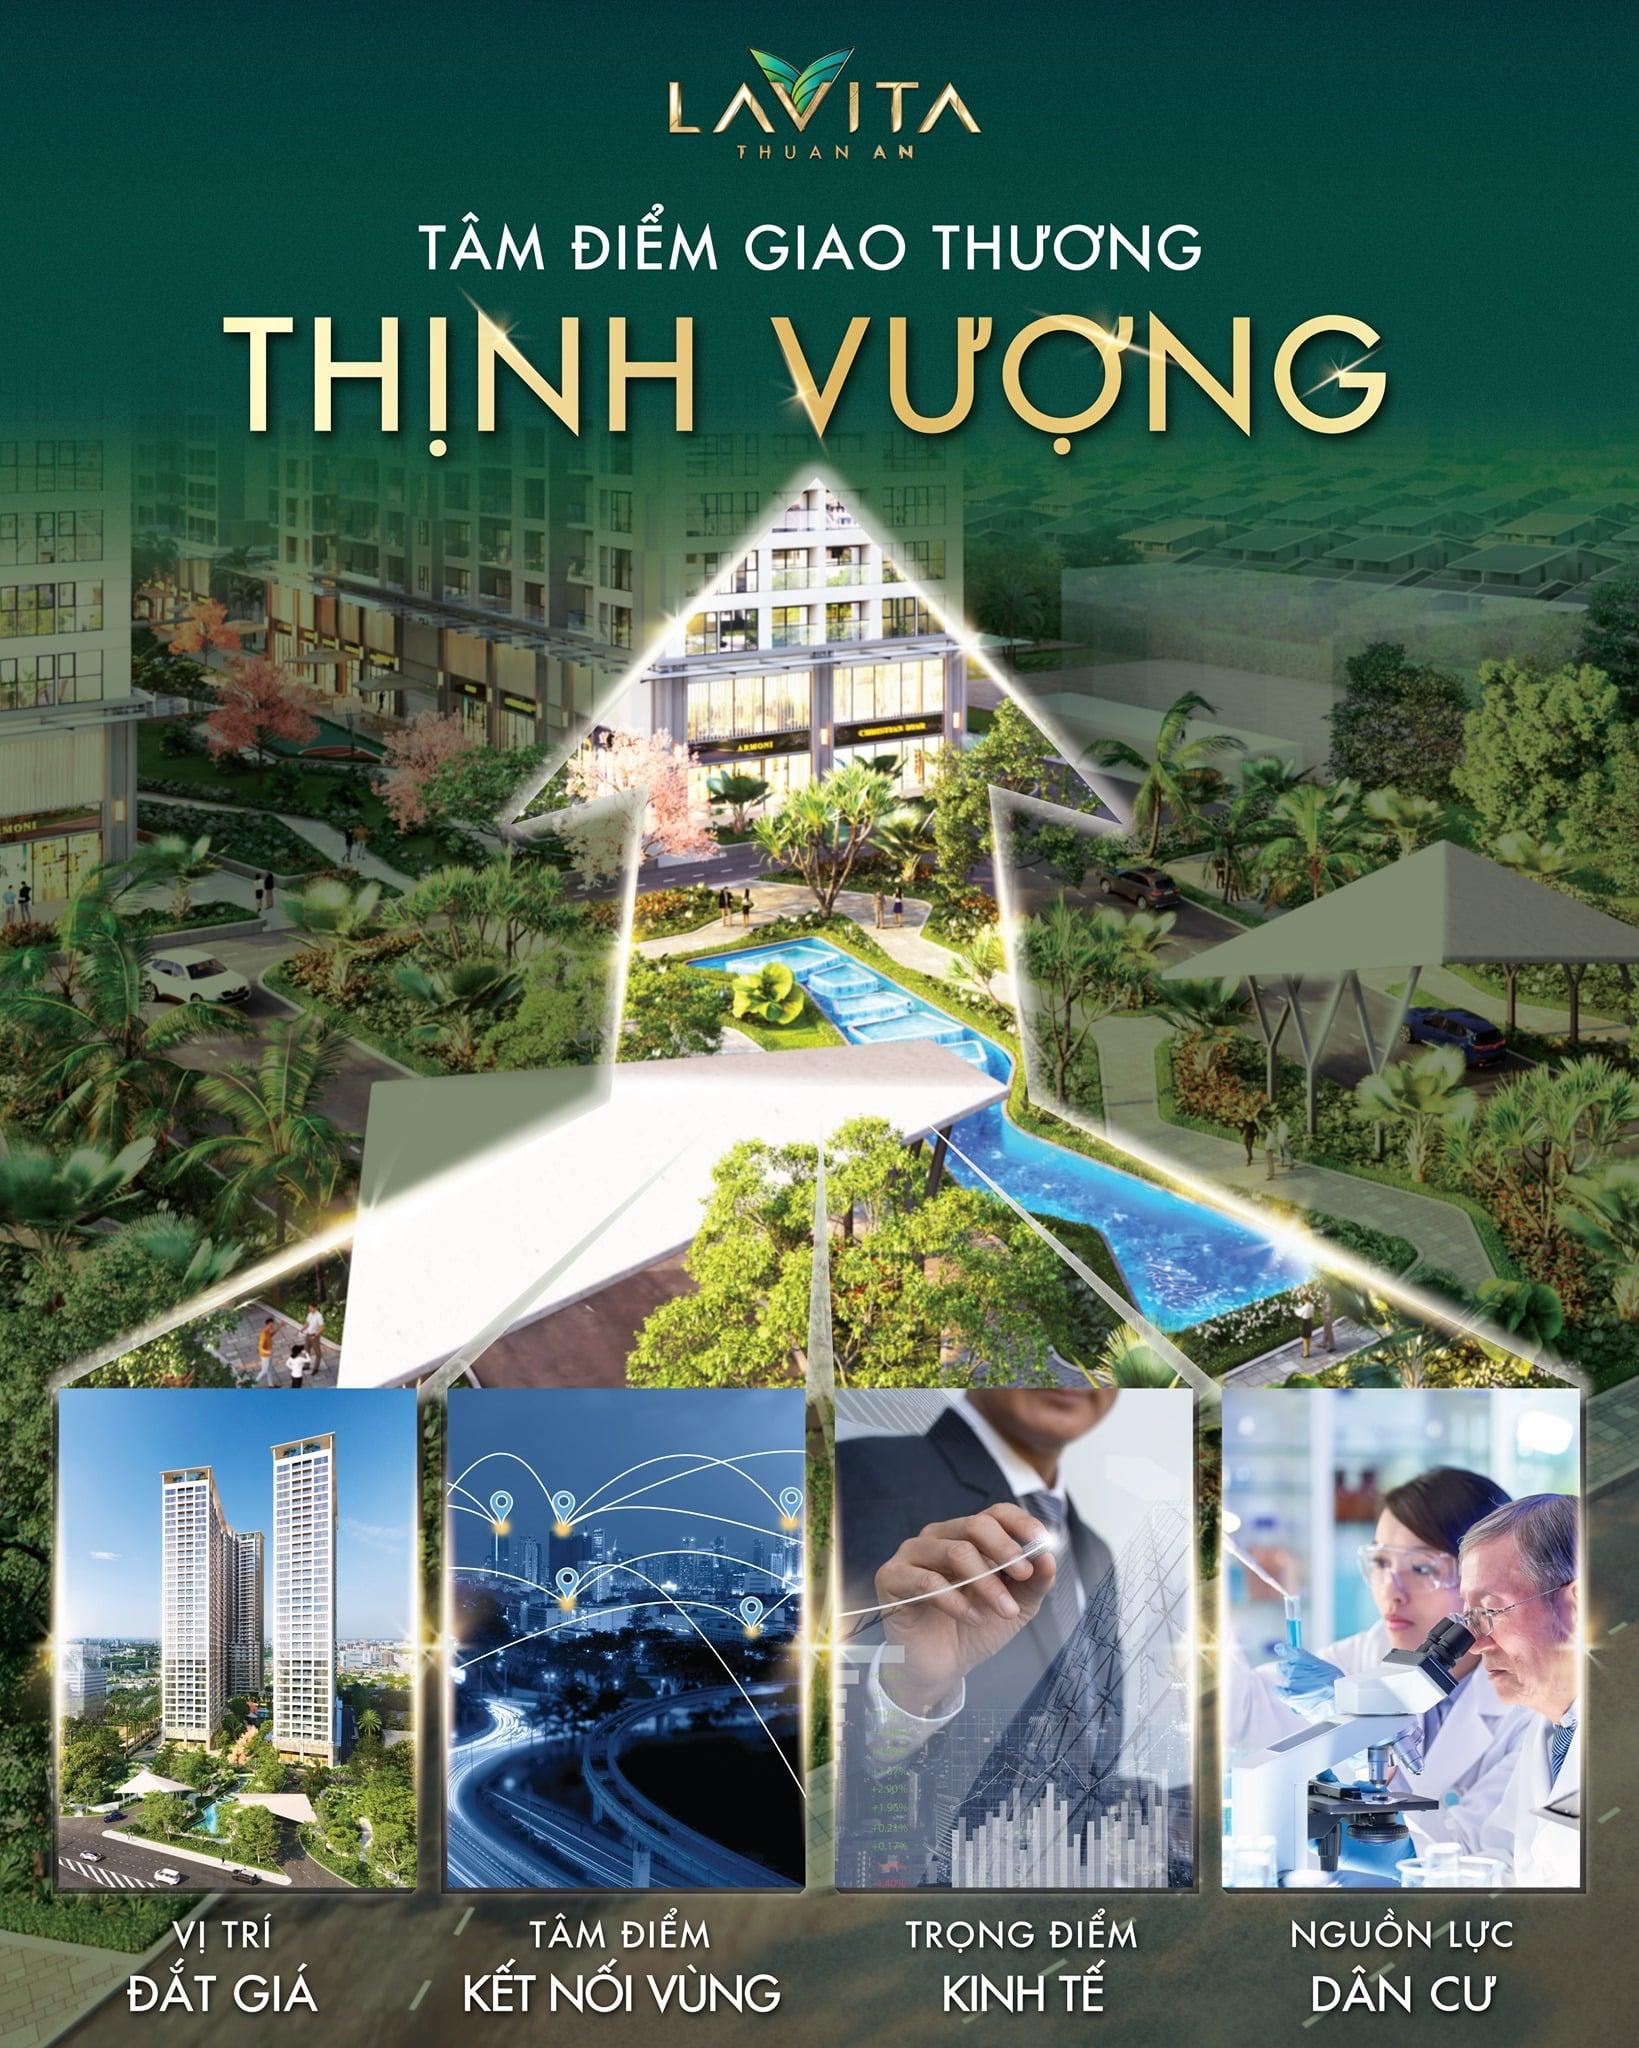 Lavita Thuận An tâm điểm giao thương